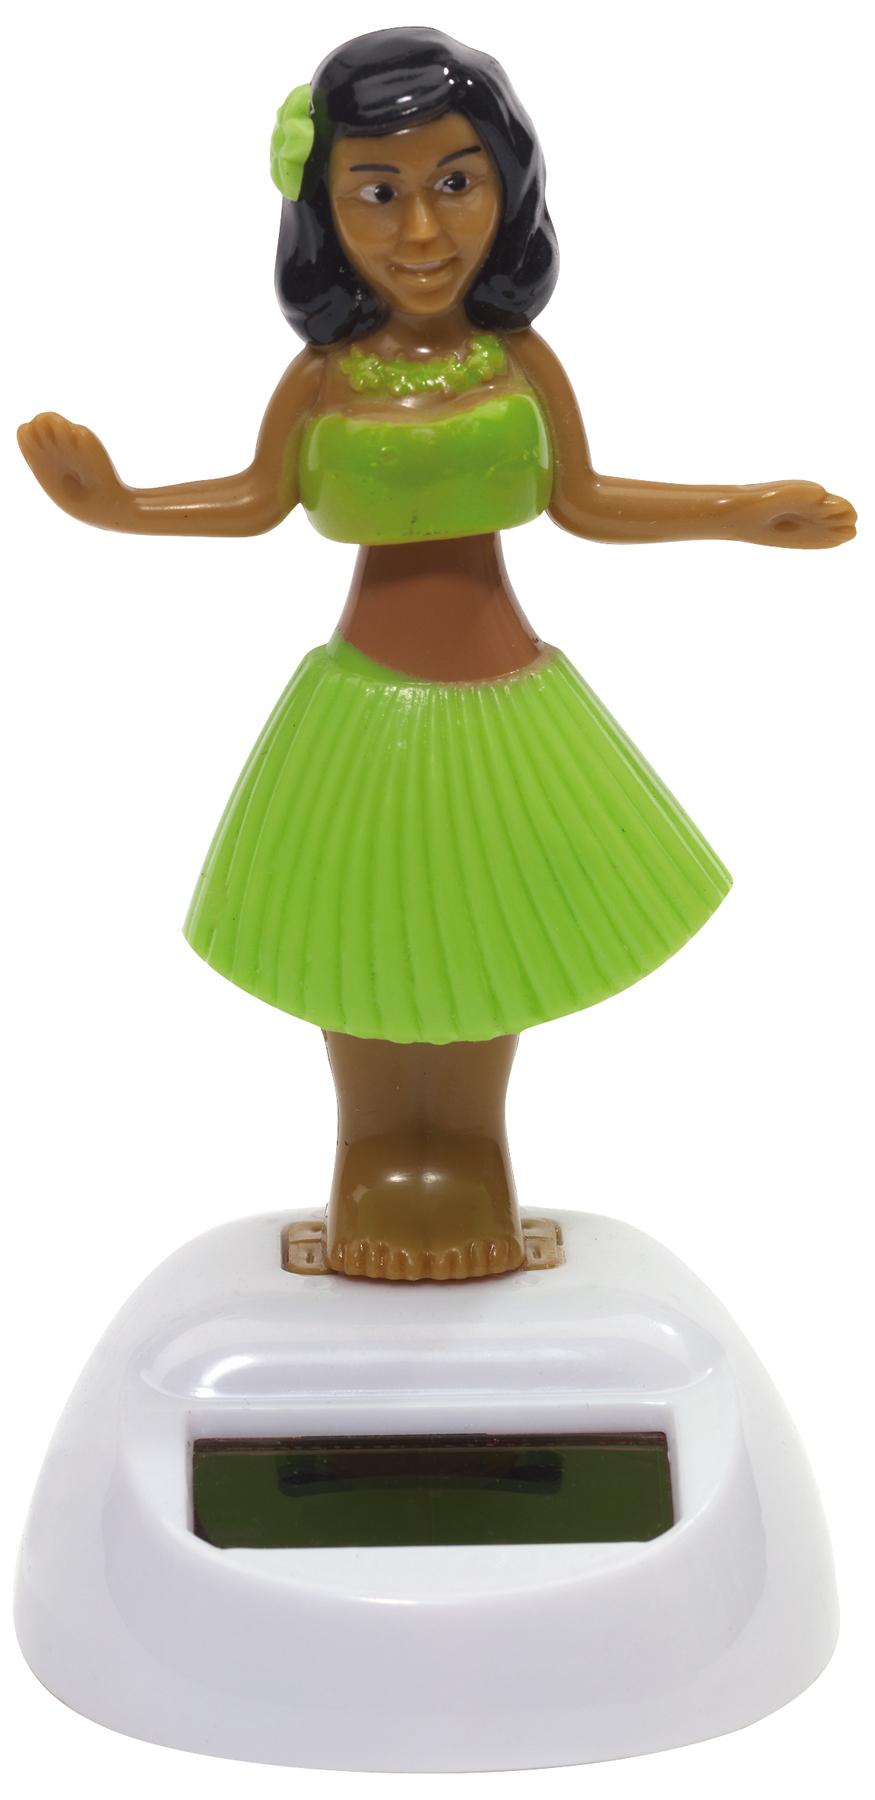 Figurka solarna HALUNA, zielony